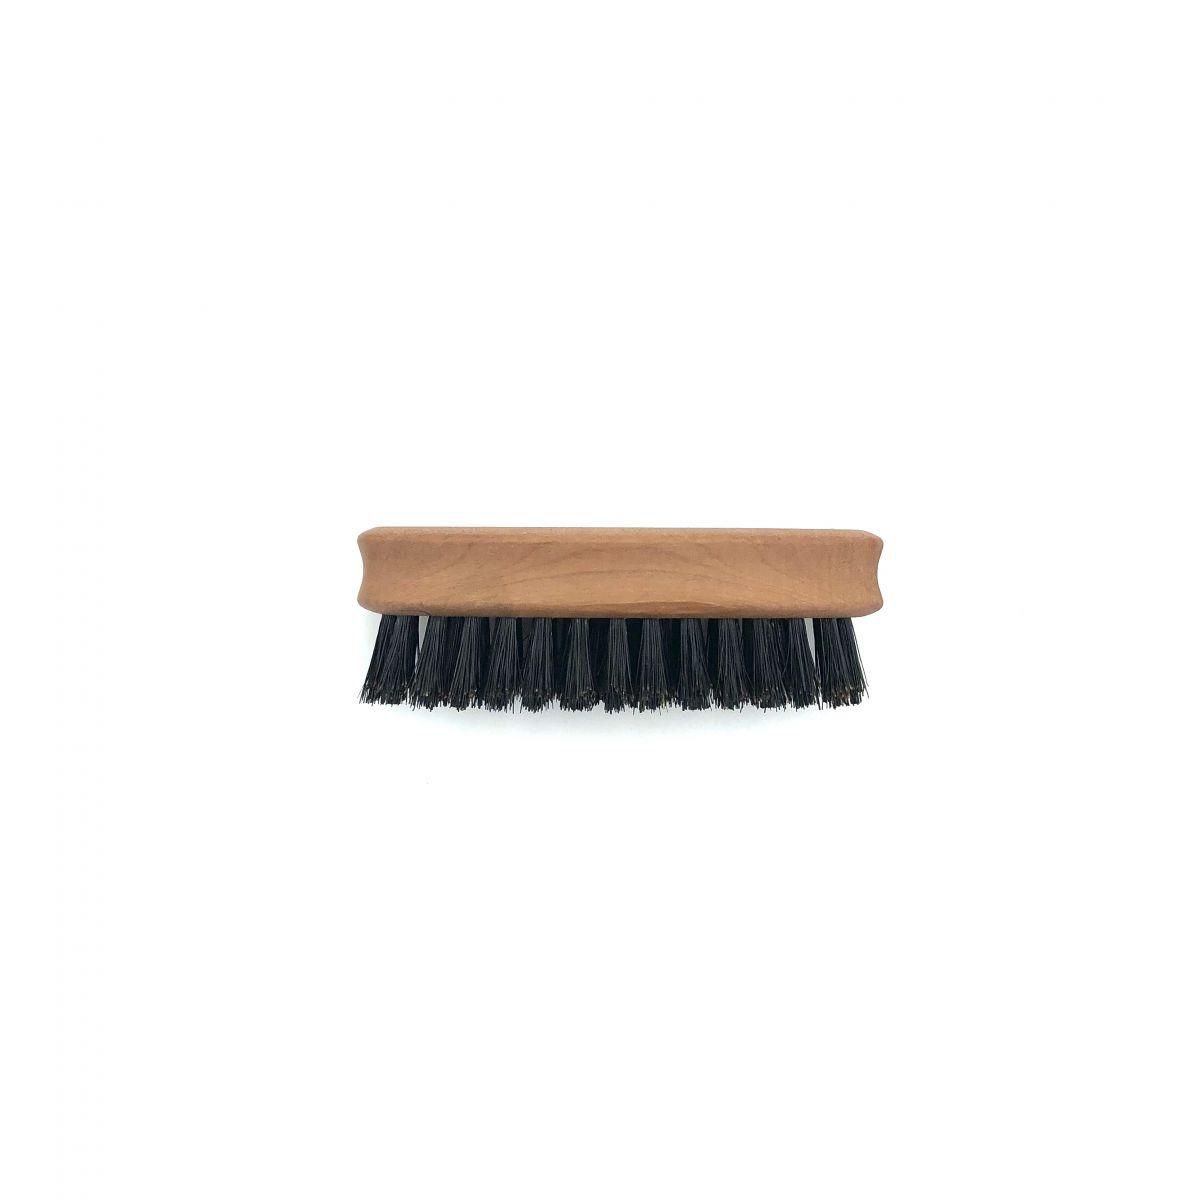 Bartbürste mit mittelfesten Wildschweinborsten